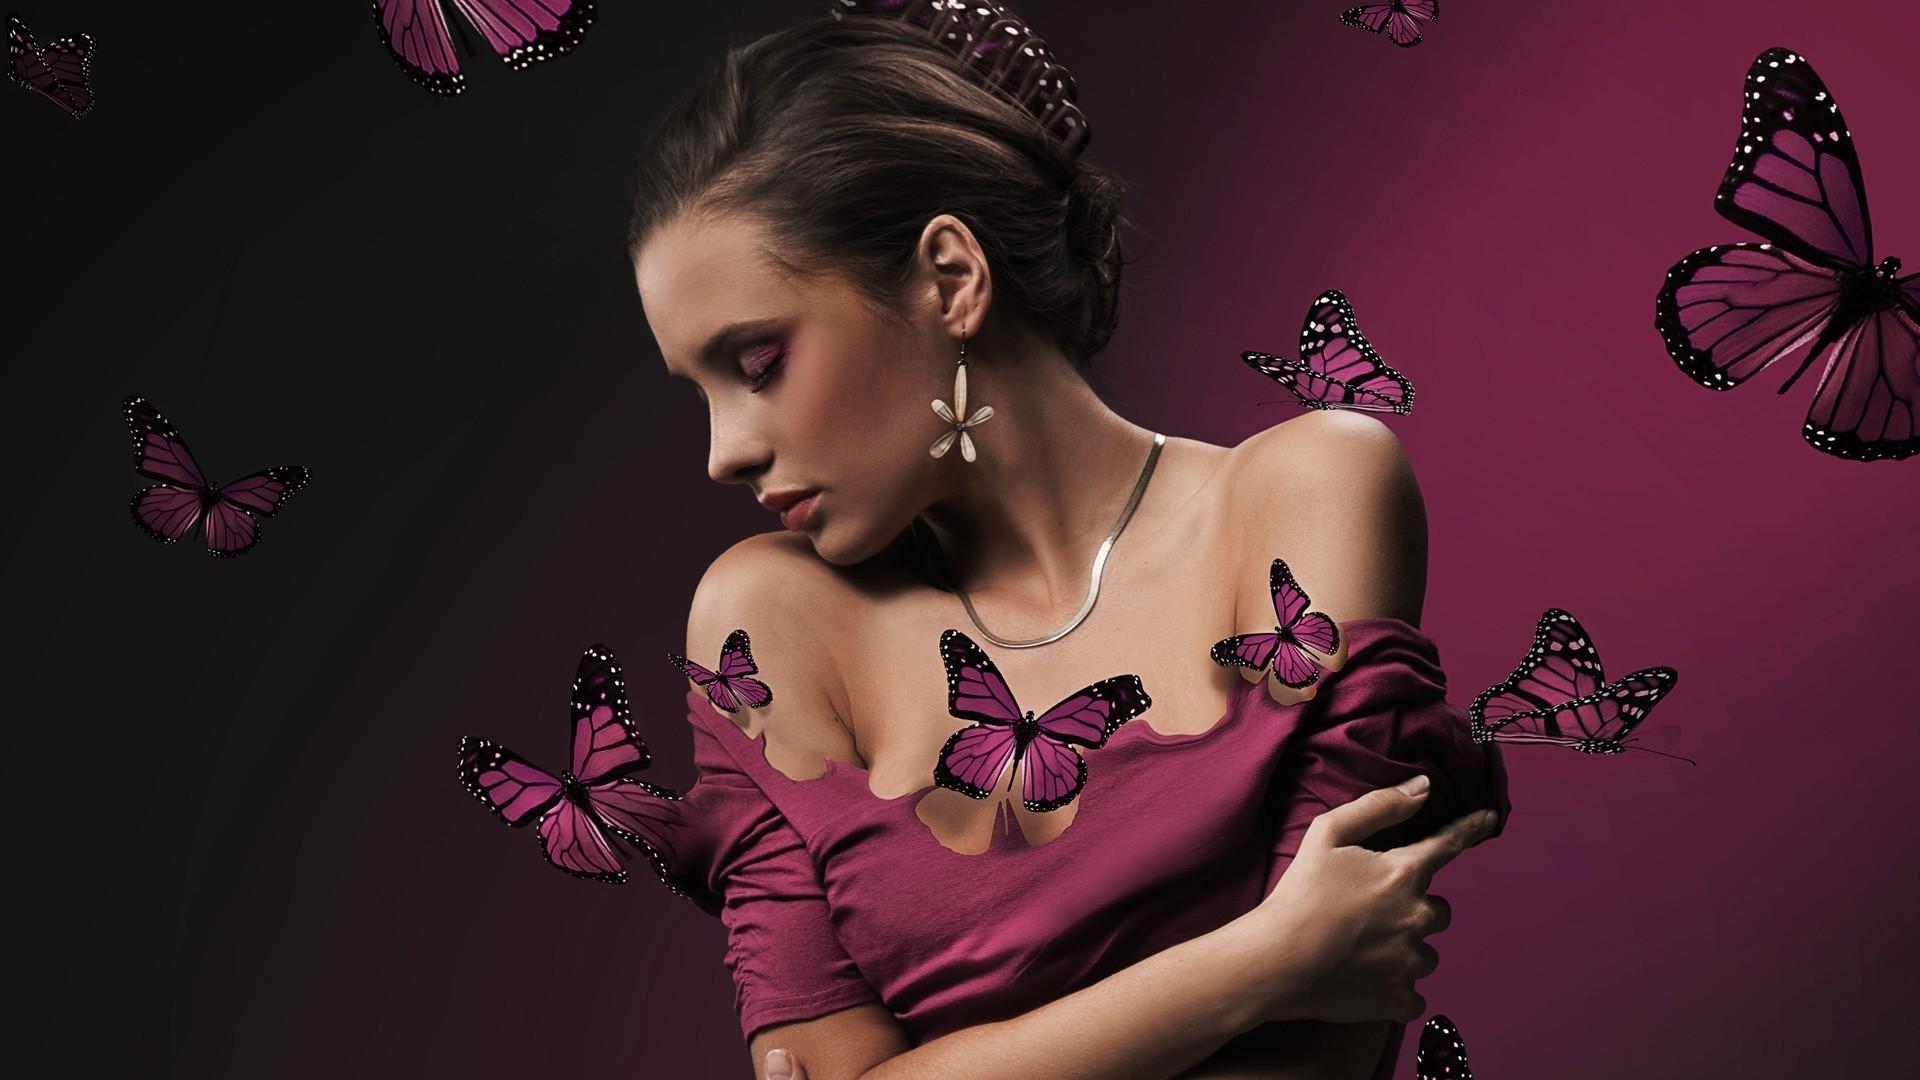 Glamour flower girls pics